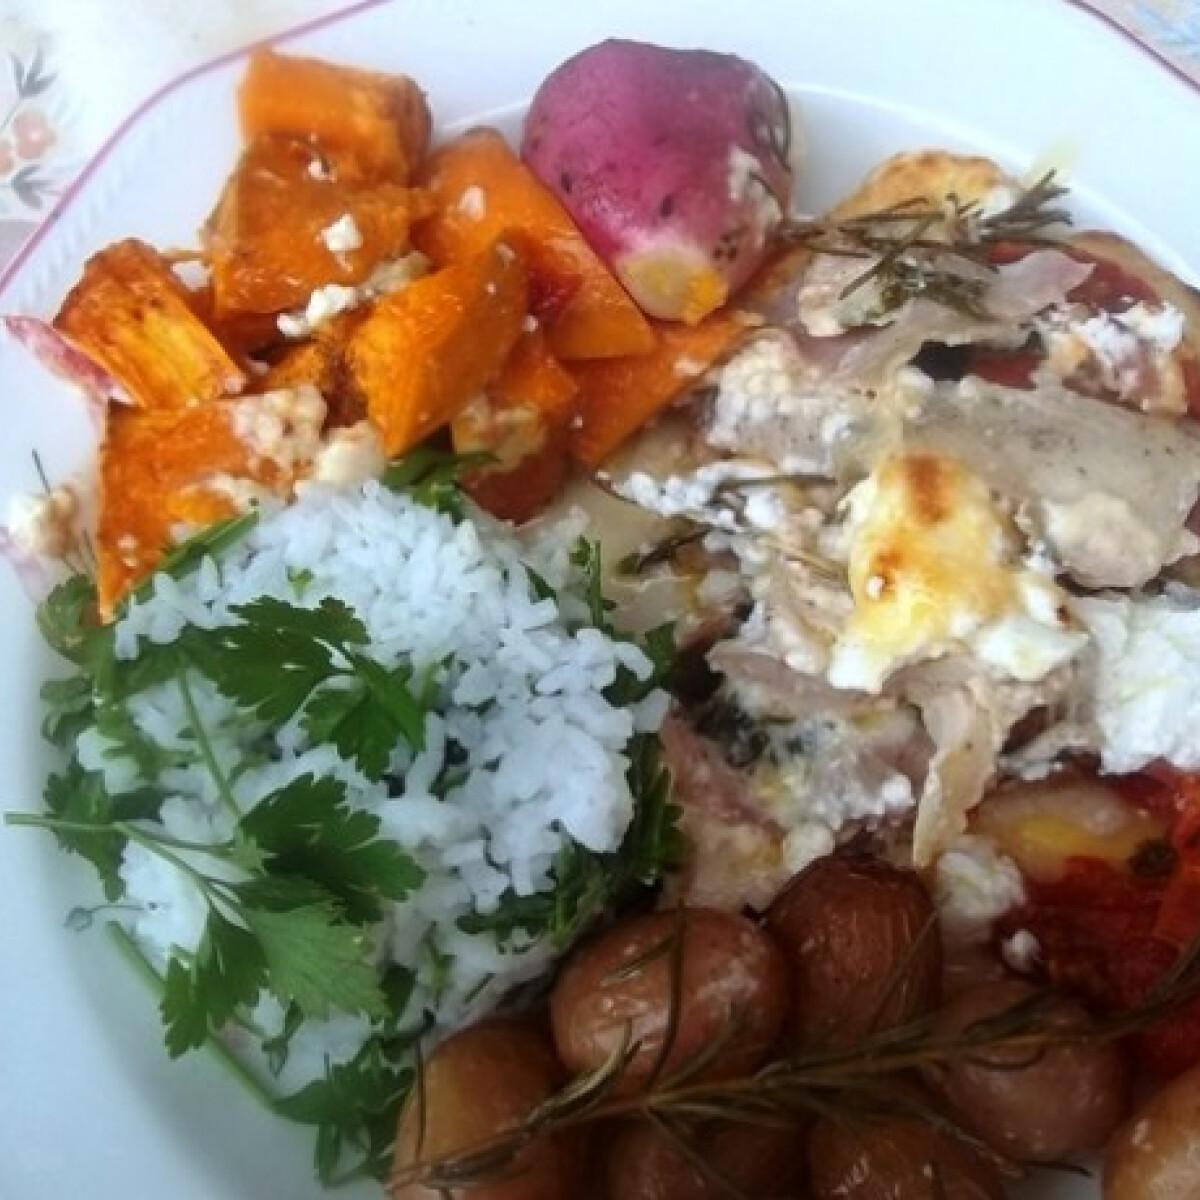 Rakott csirkemell sült zöldségekkel és petrezselymes rizzsel